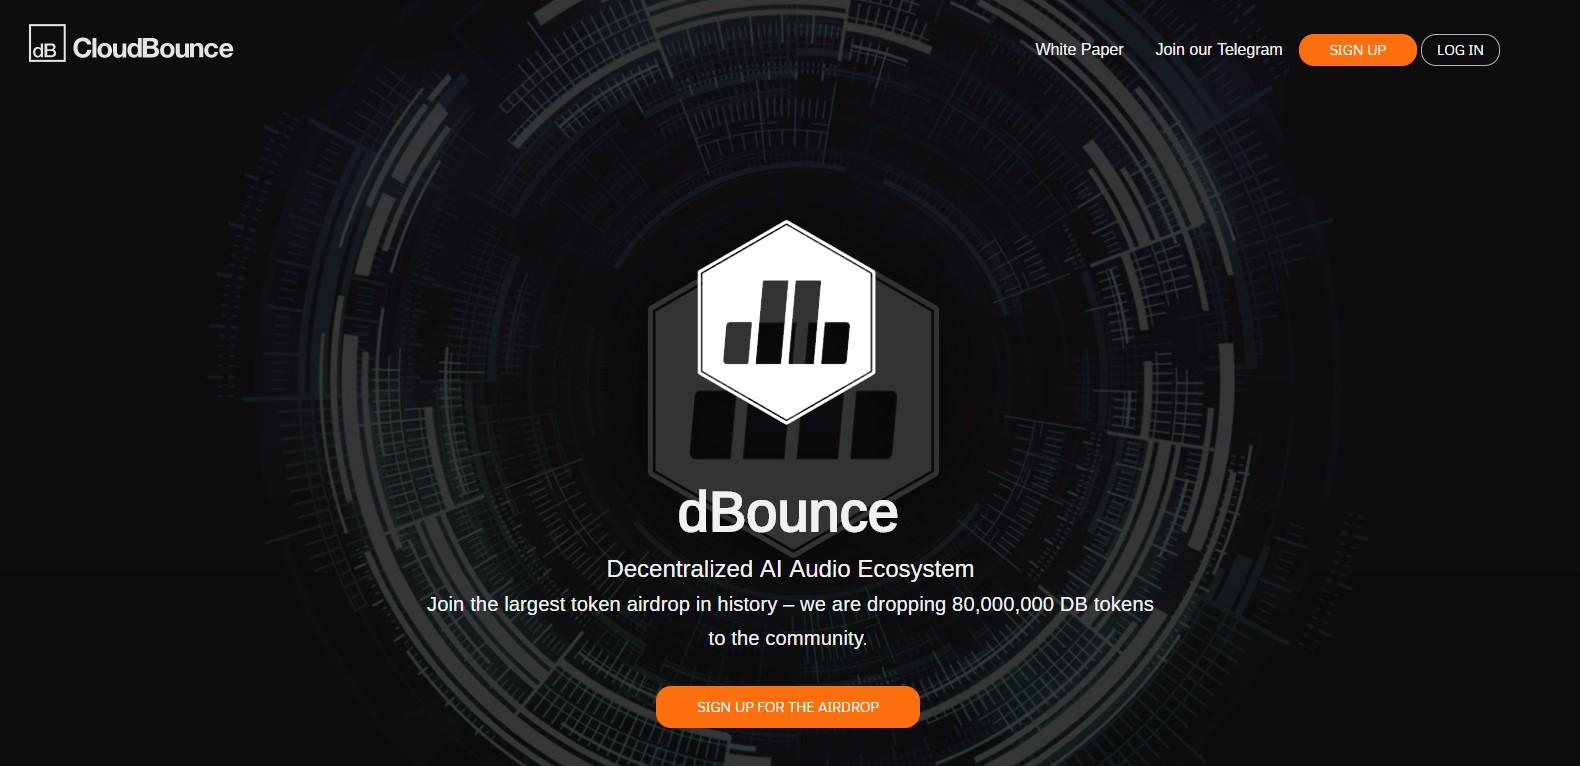 dbounce.jpg